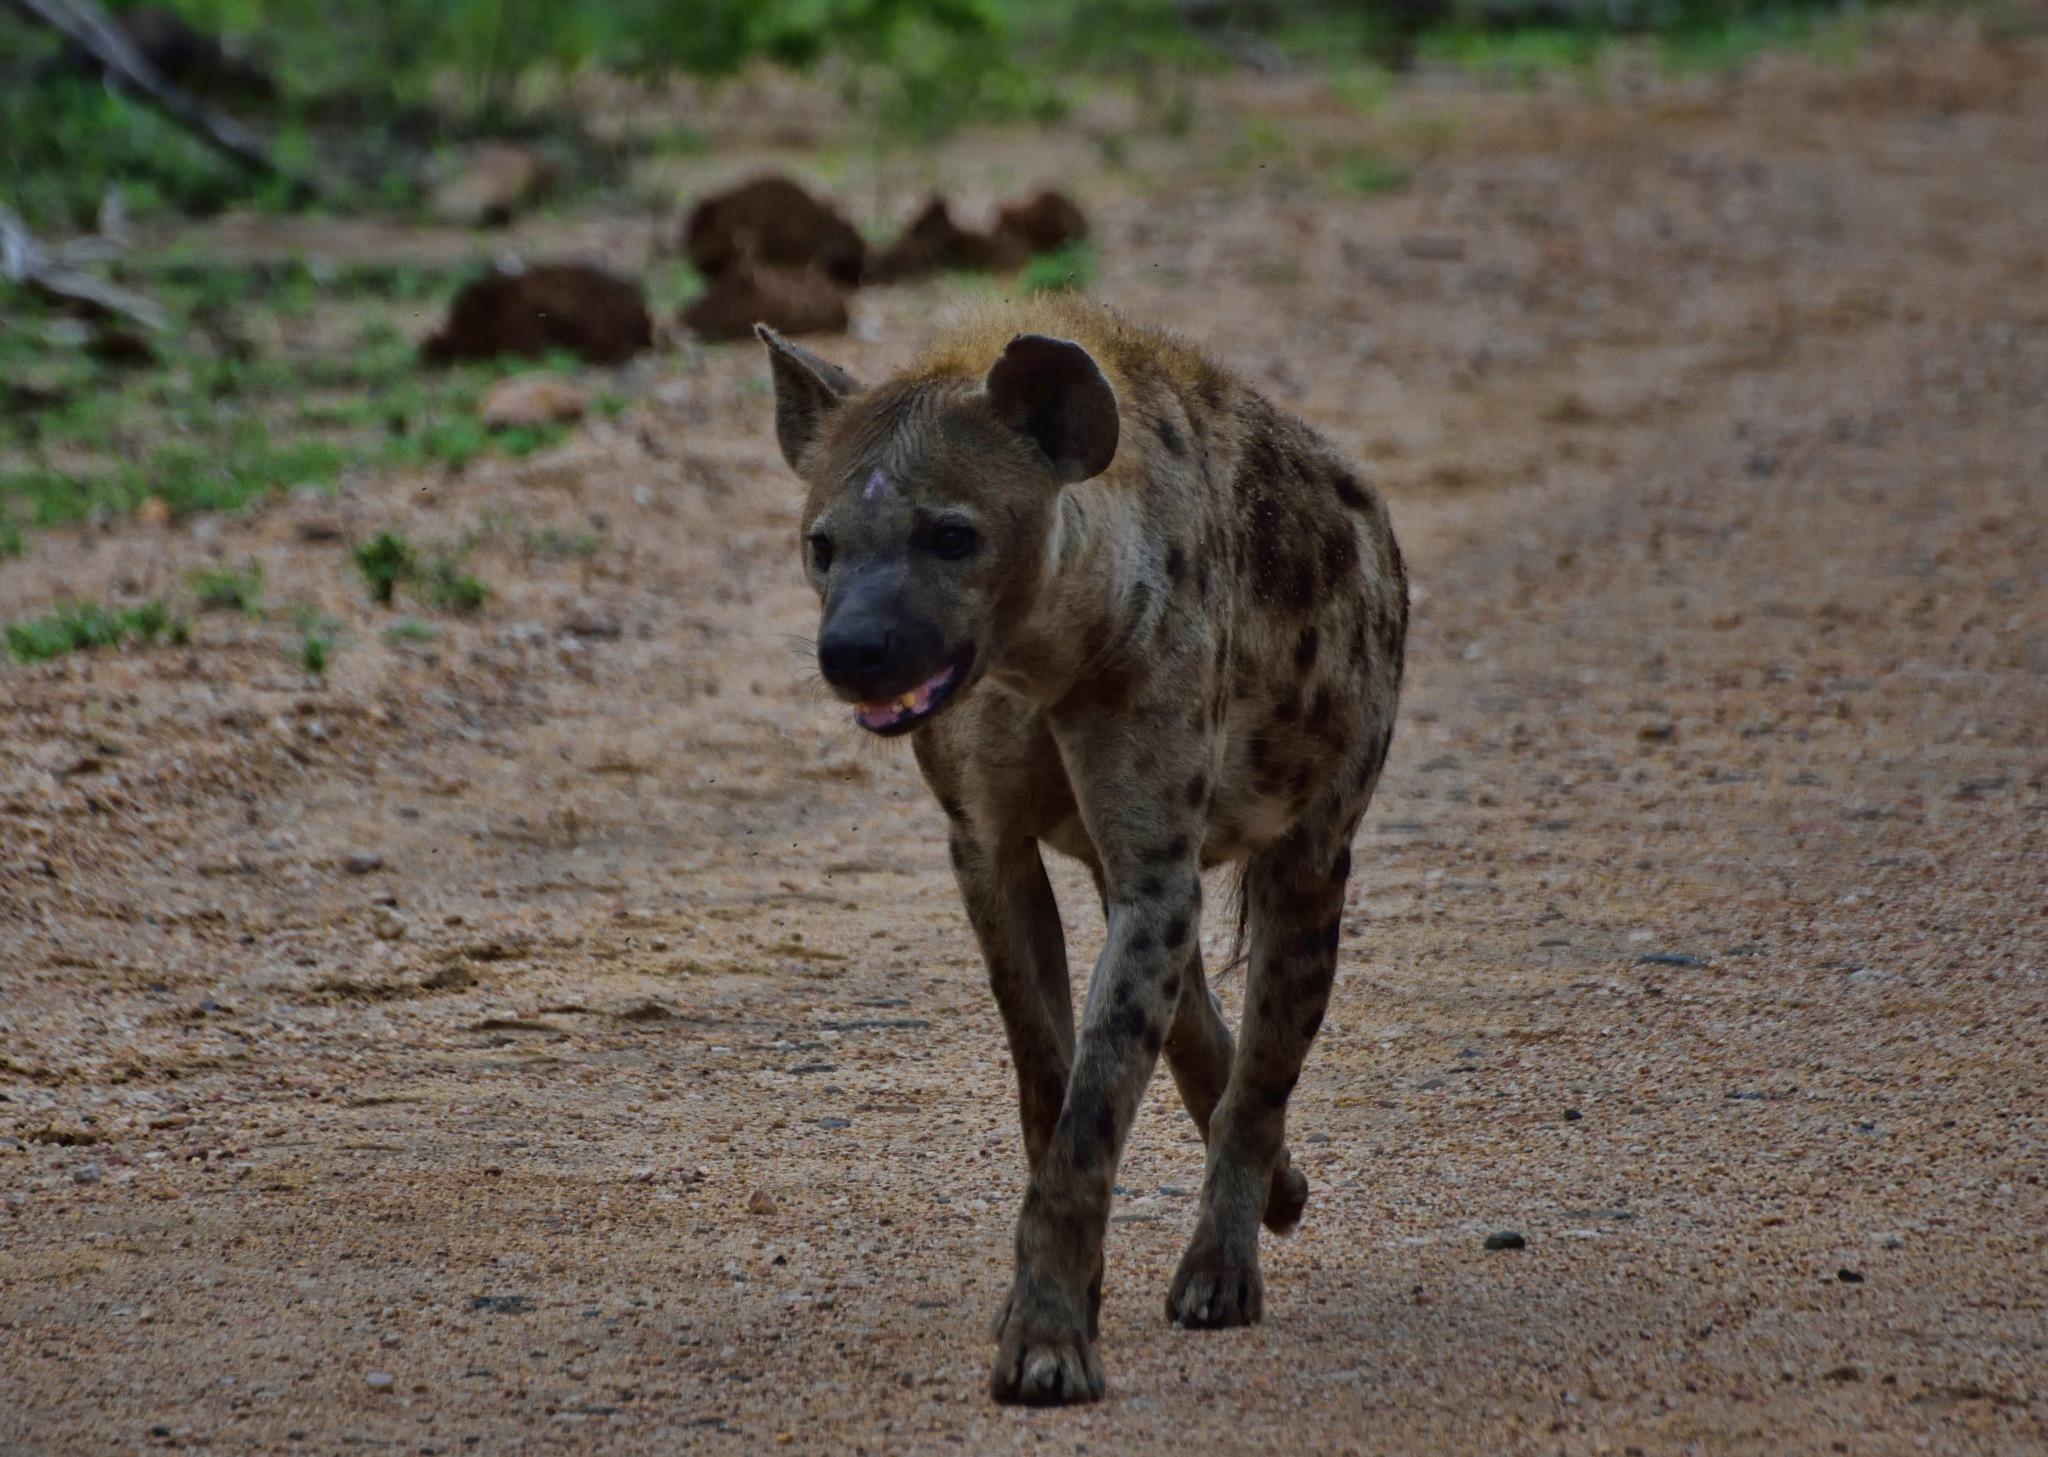 South Africa - Kruger Park (283) Spotted Hyena by Derek Clarke